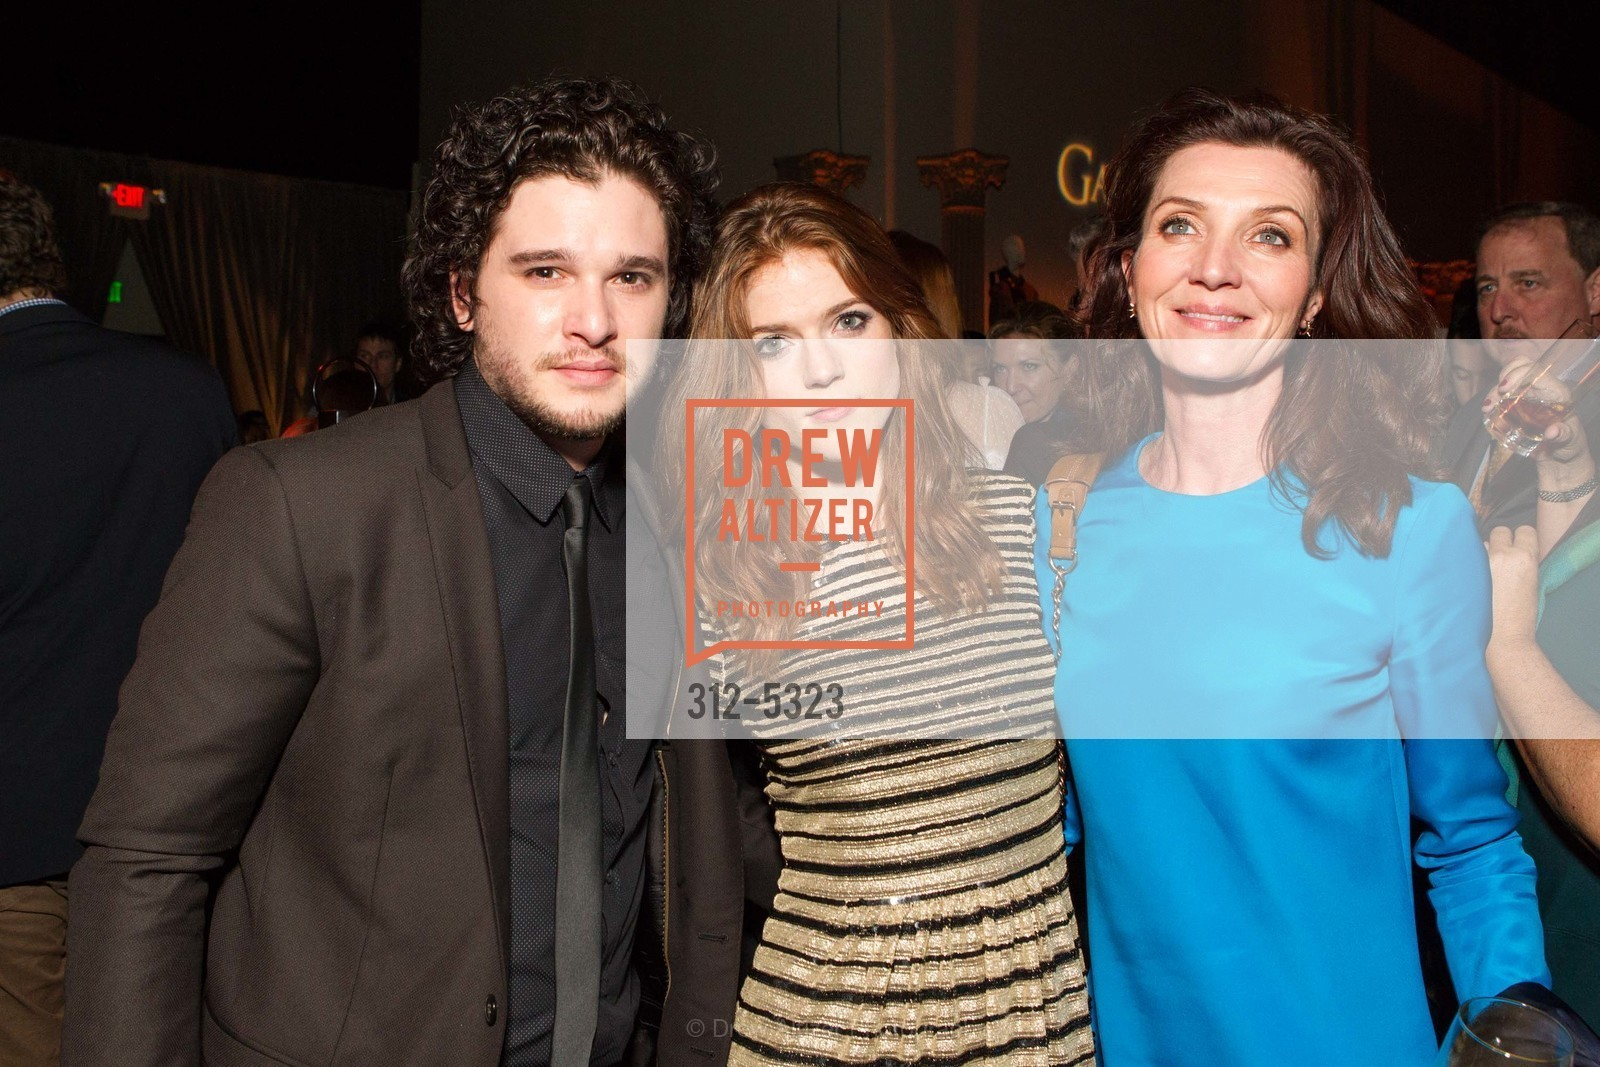 Kit Harington, Rose Leslie, Michelle Fairley, Photo #312-5323